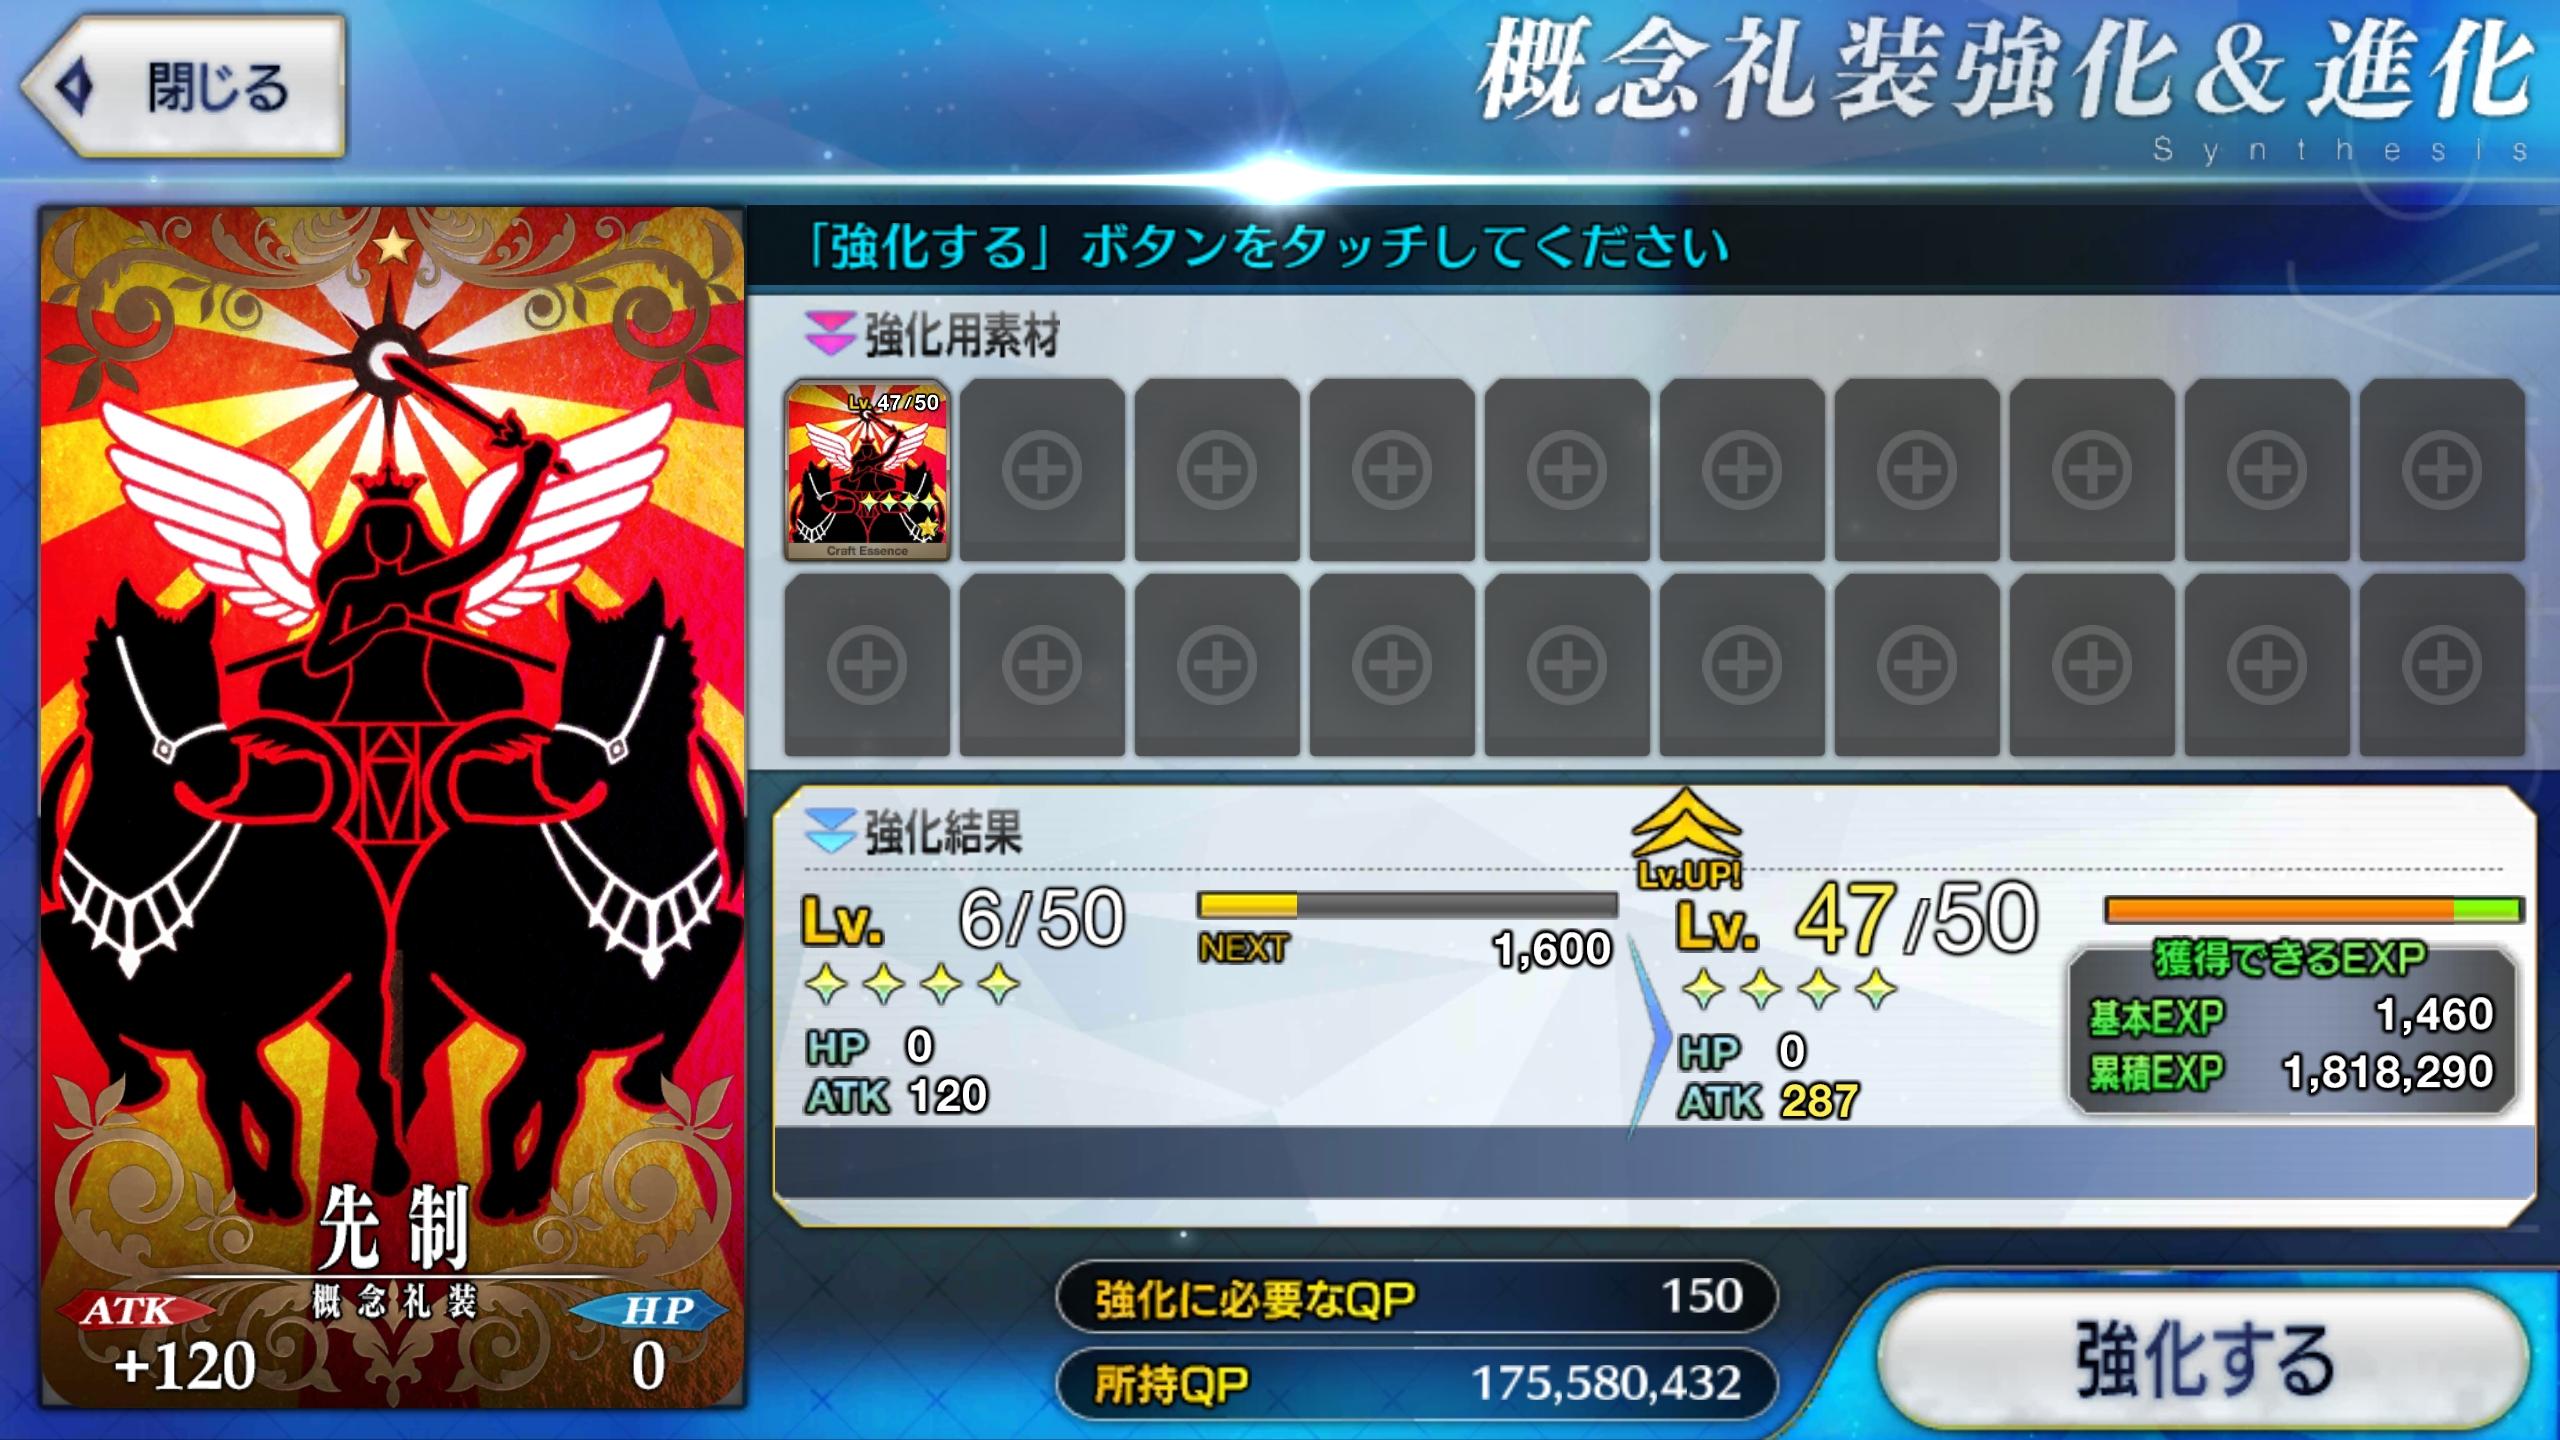 f:id:Yuichiro_S:20180106010656j:plain:w640